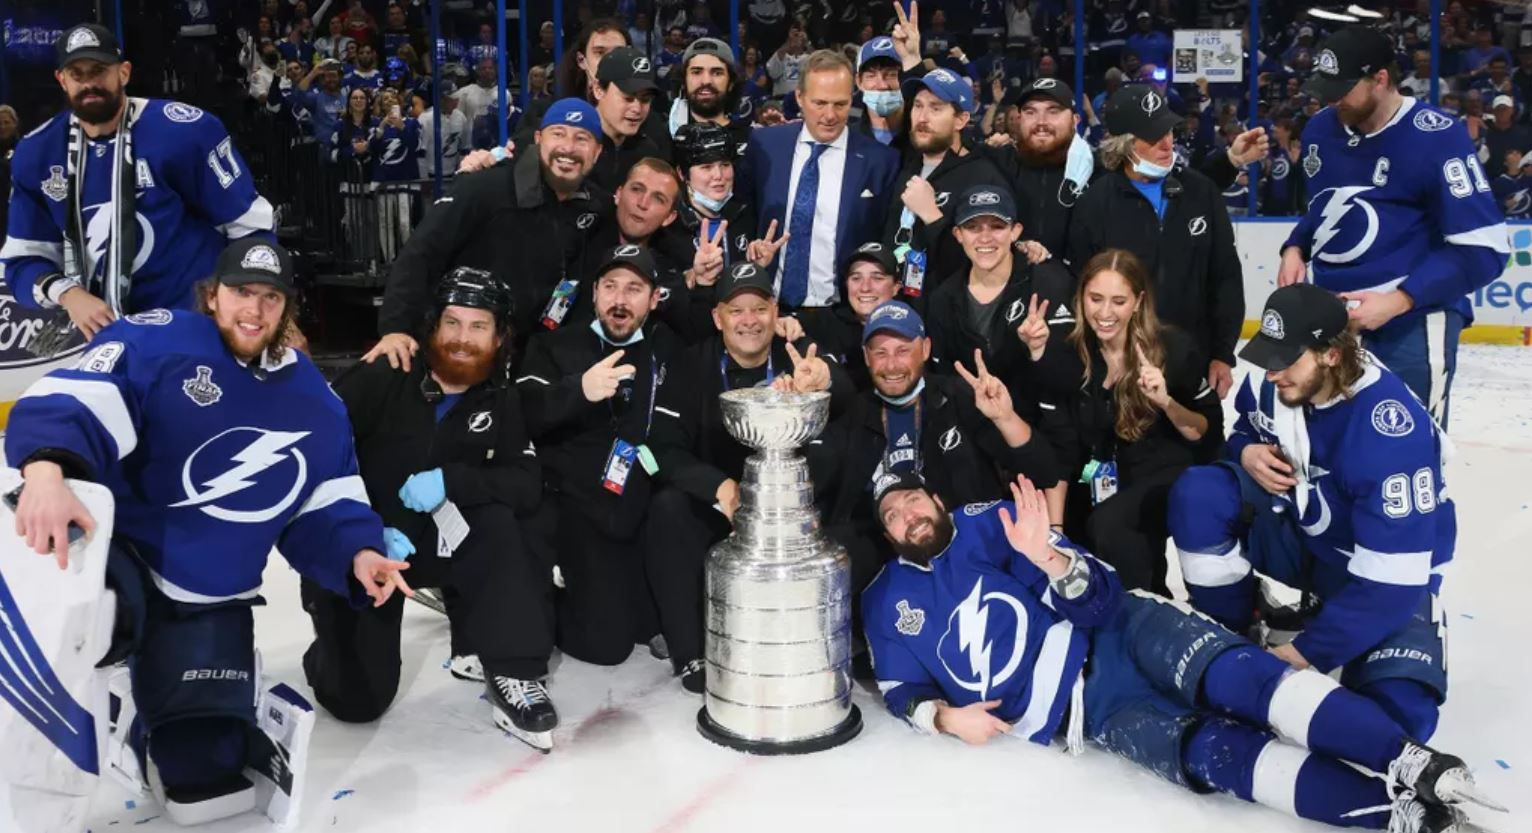 Tampa Bay Lightning câștigă NHL Stanley Cup pentru a doua oară consecutiv